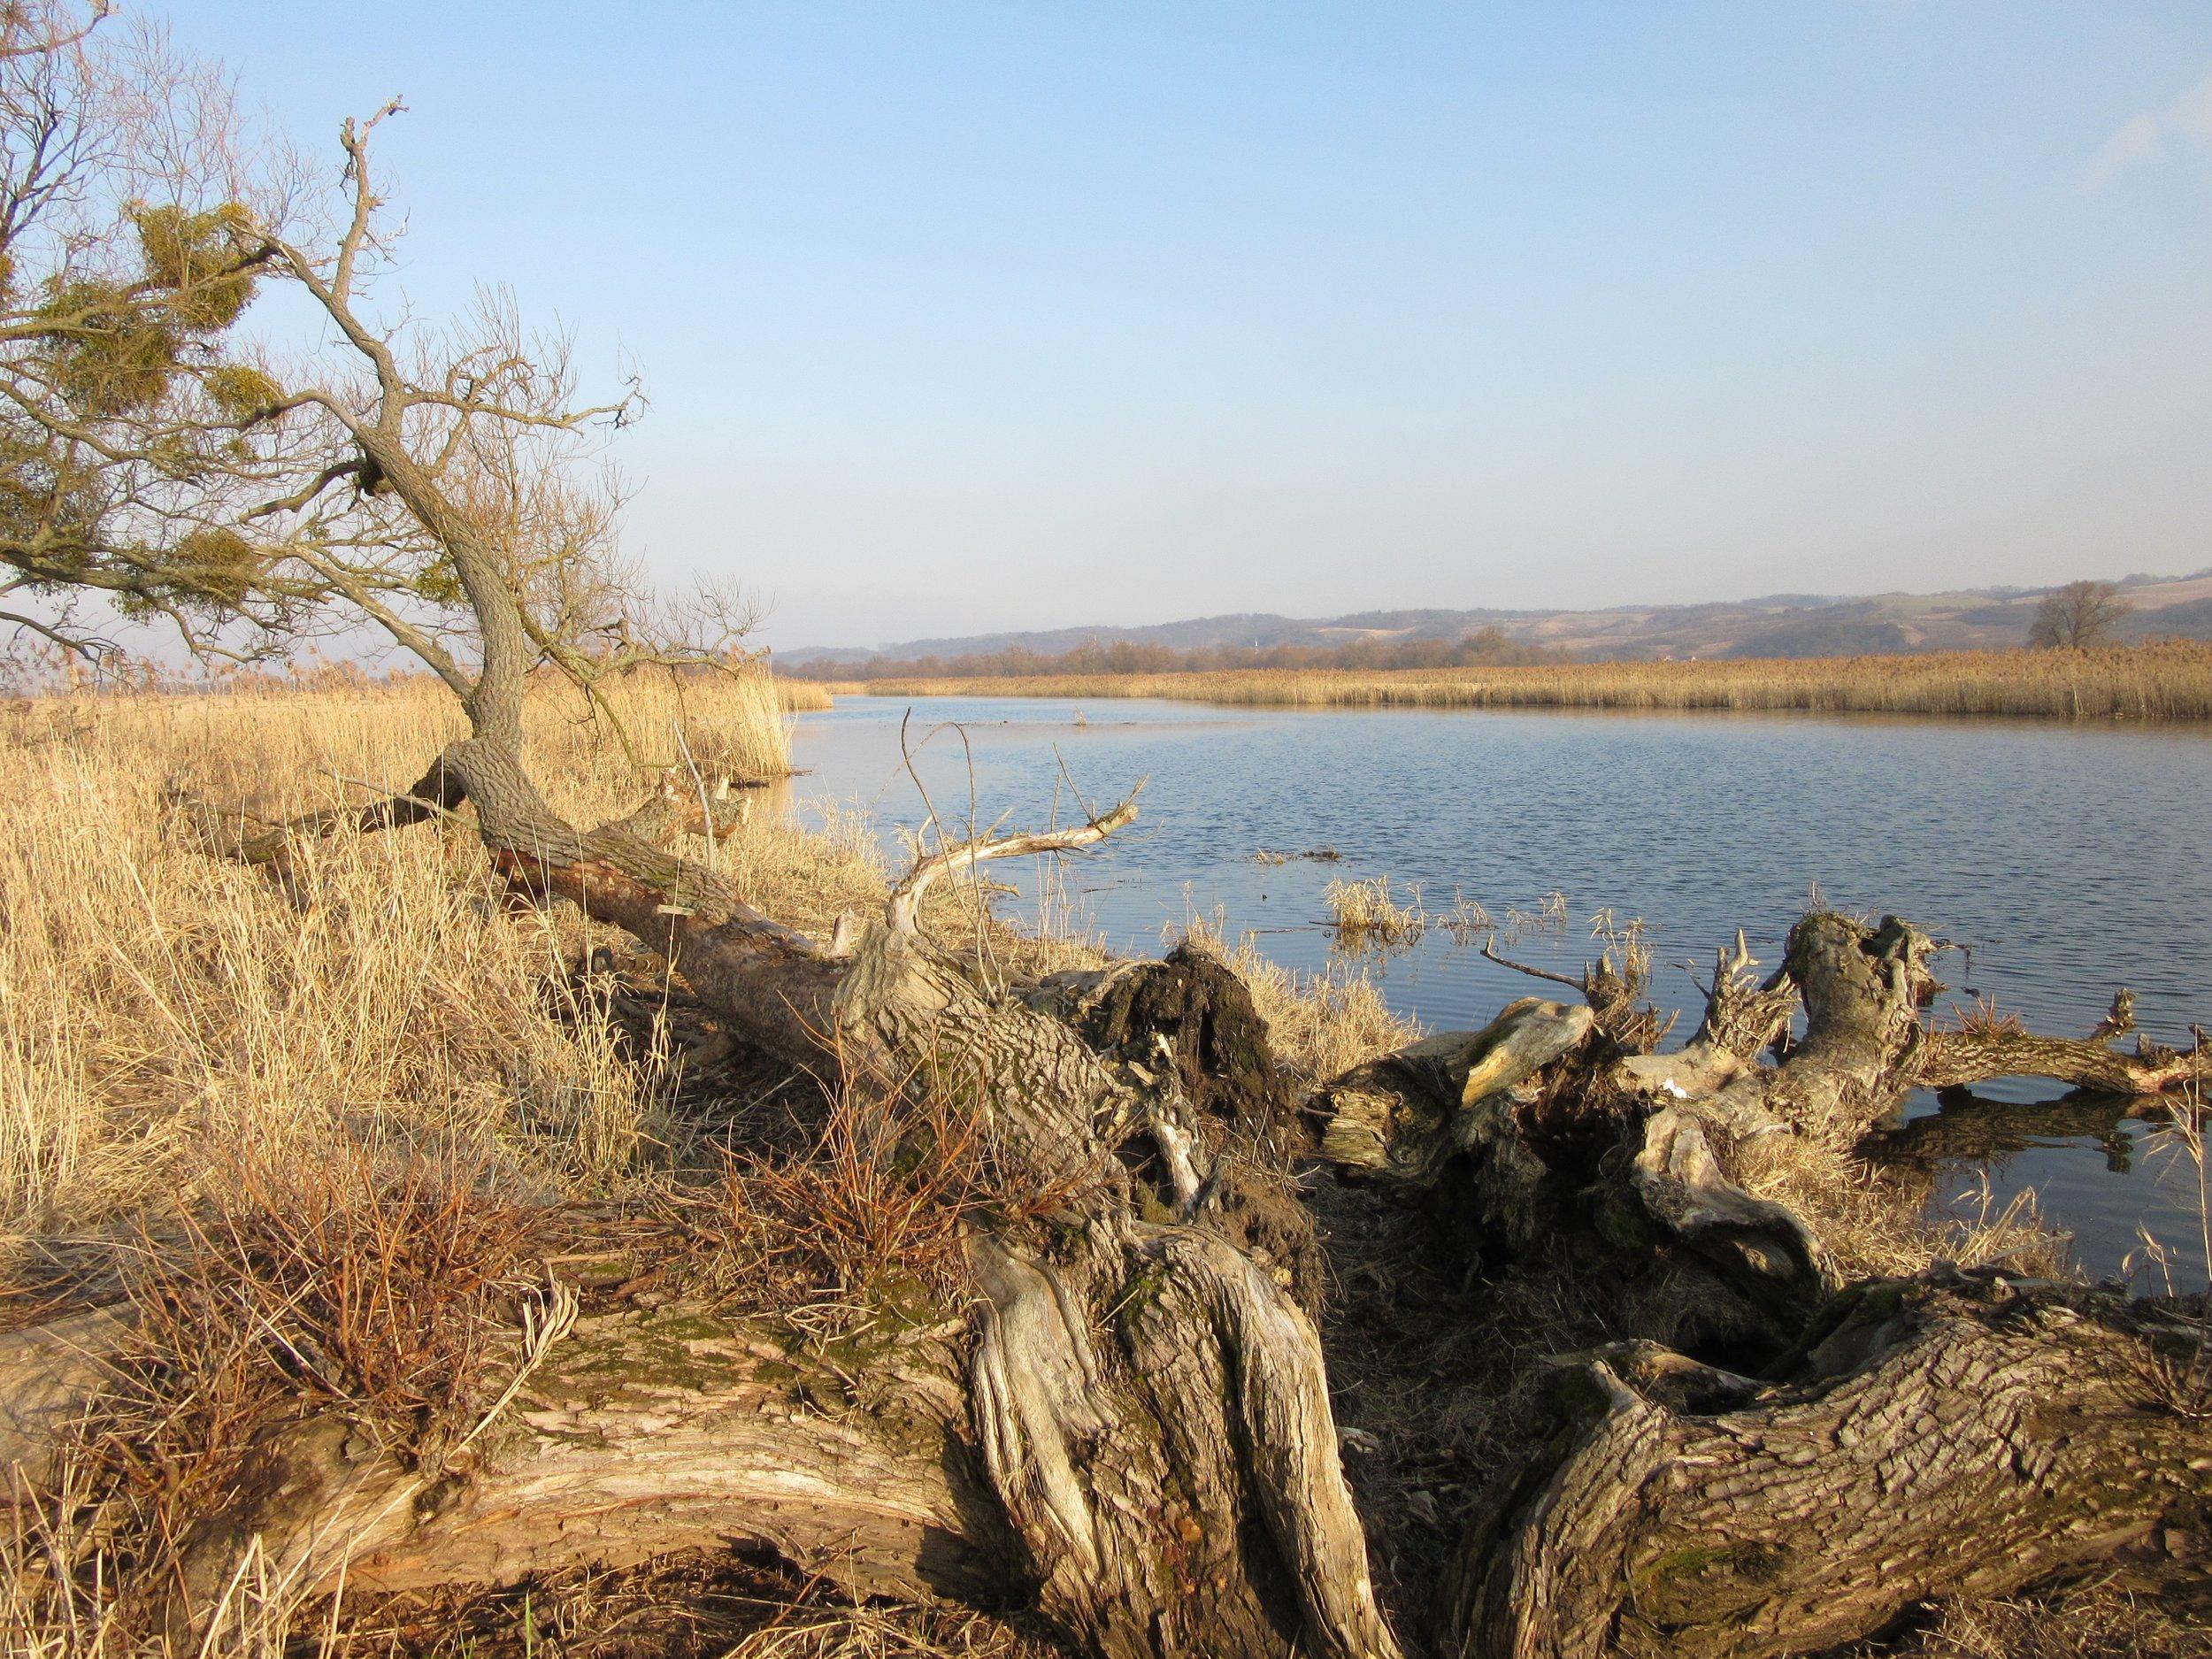 Nationalpark Unteres Odertal_Michaela Kruse.jpg